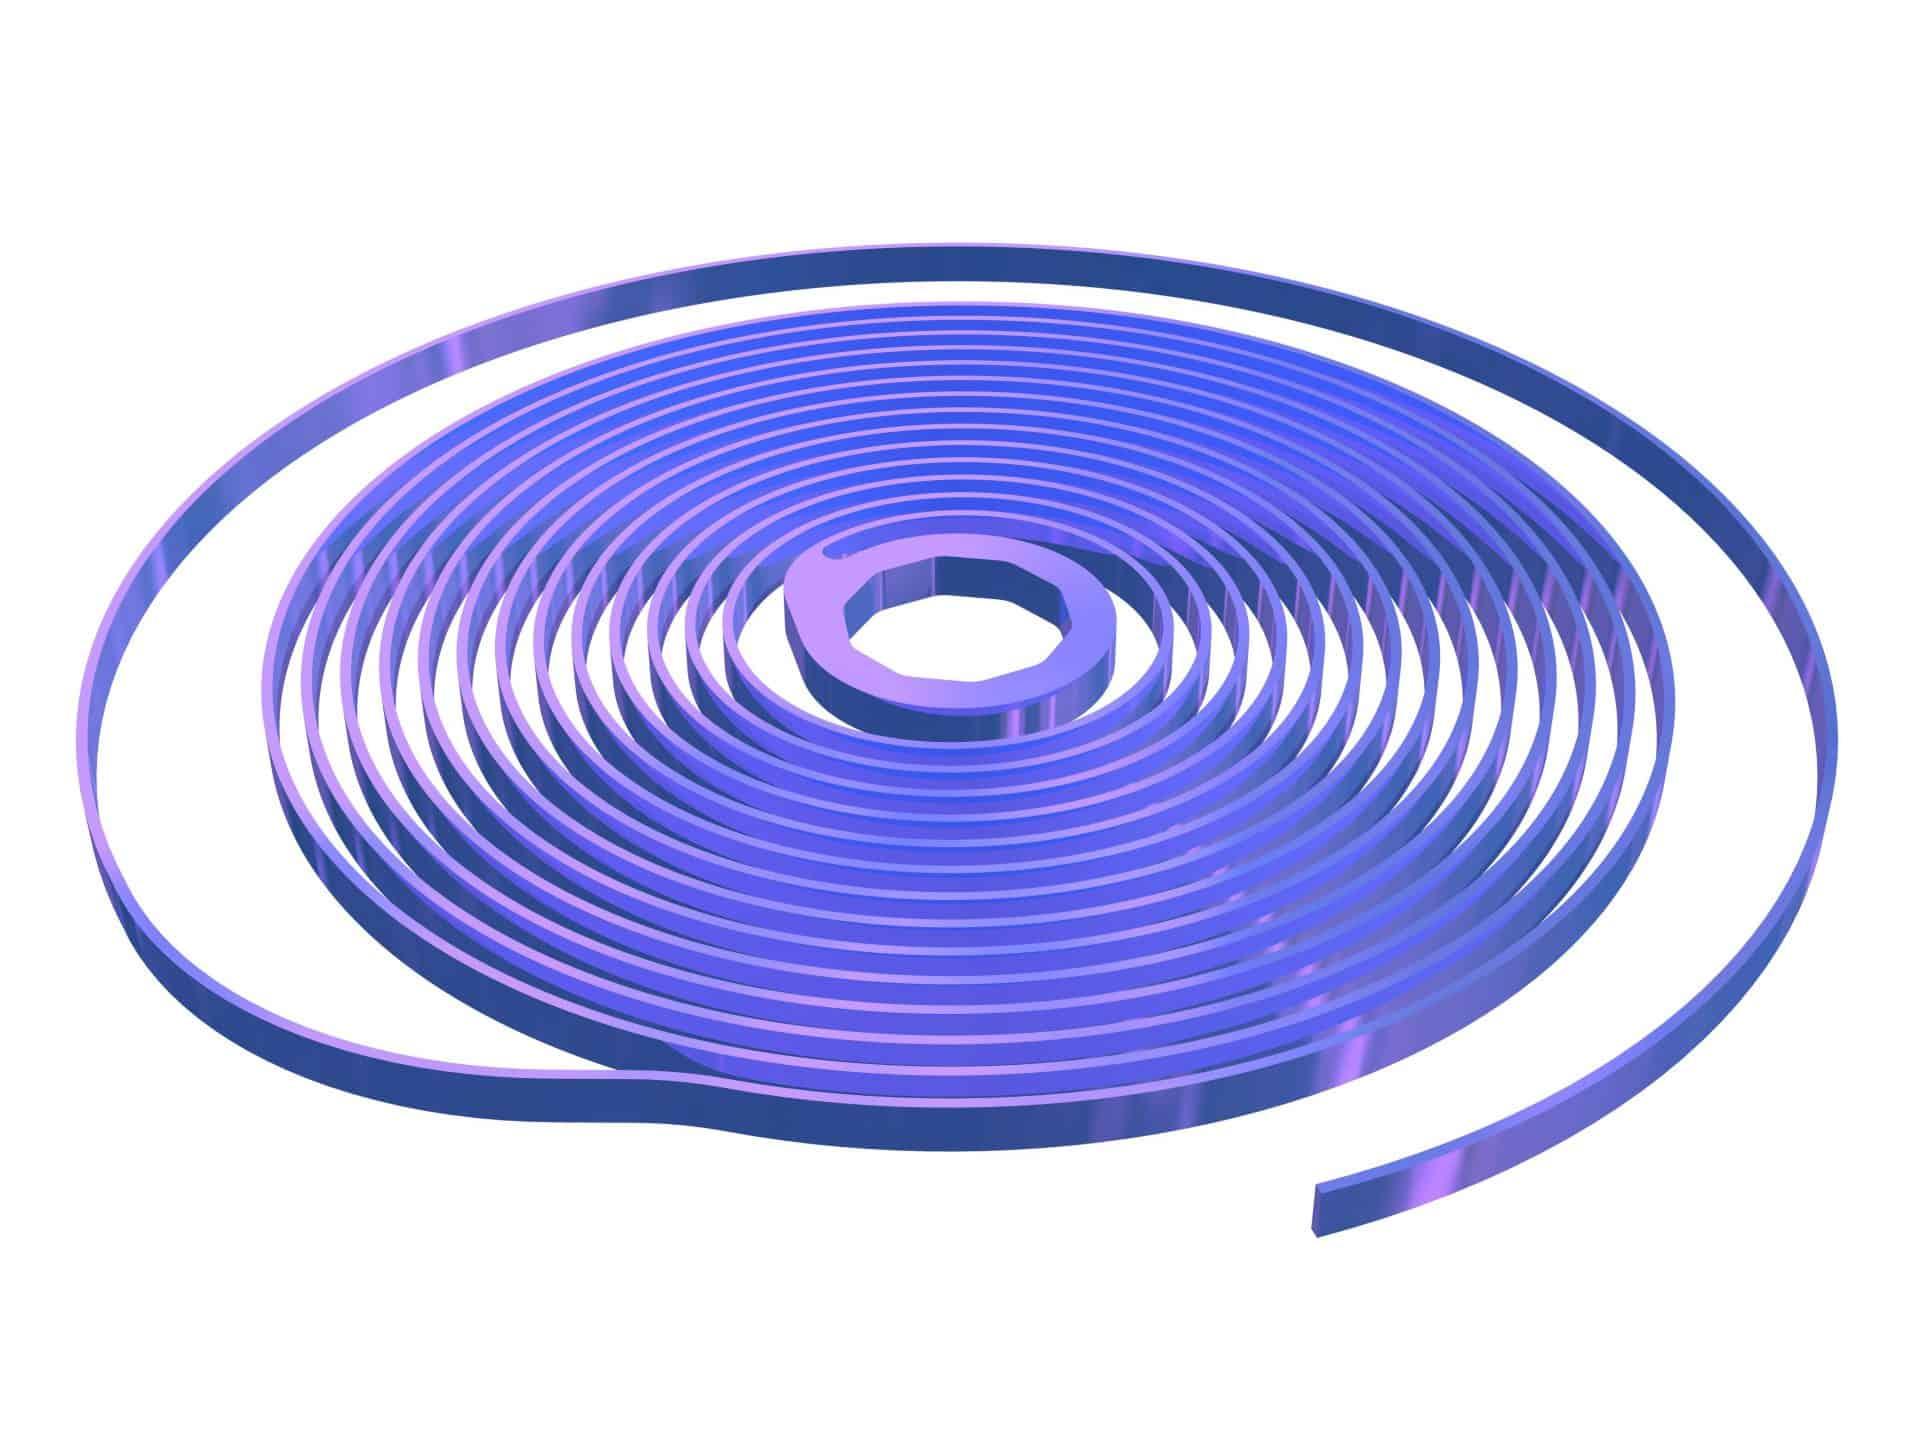 Hightech Silizium-Unruhspirale von Ulysse Nardin